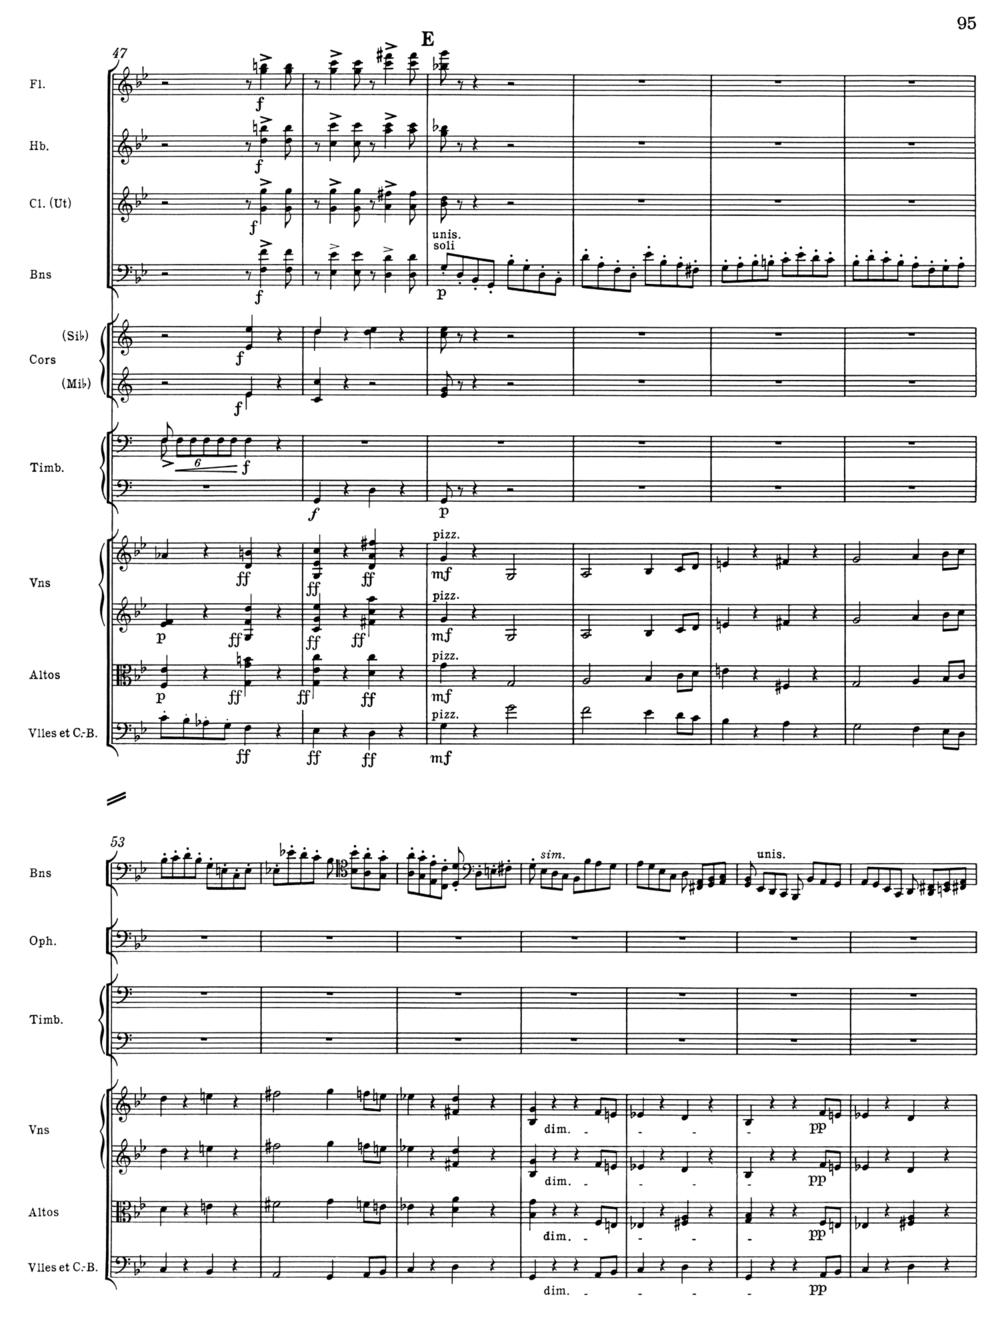 Berlioz Mvt 4 Score 2.jpg